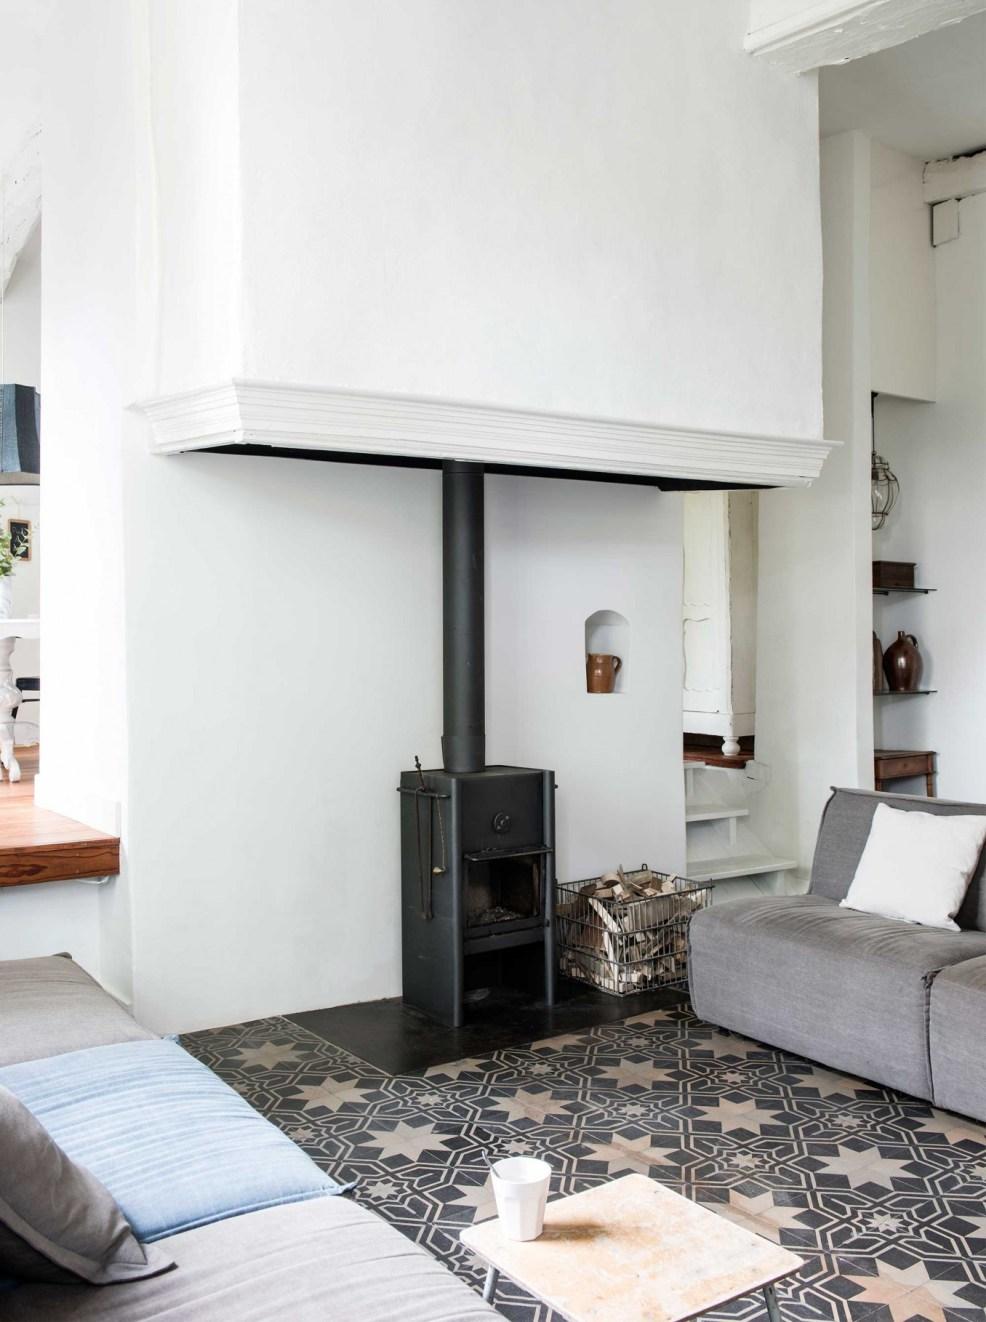 Découvrez ce très beau salon rustique, revisité avec un esprit contemporain, et sa cheminée très chic. Retrouvez toutes les images de cette maison de campagne dans l'article.